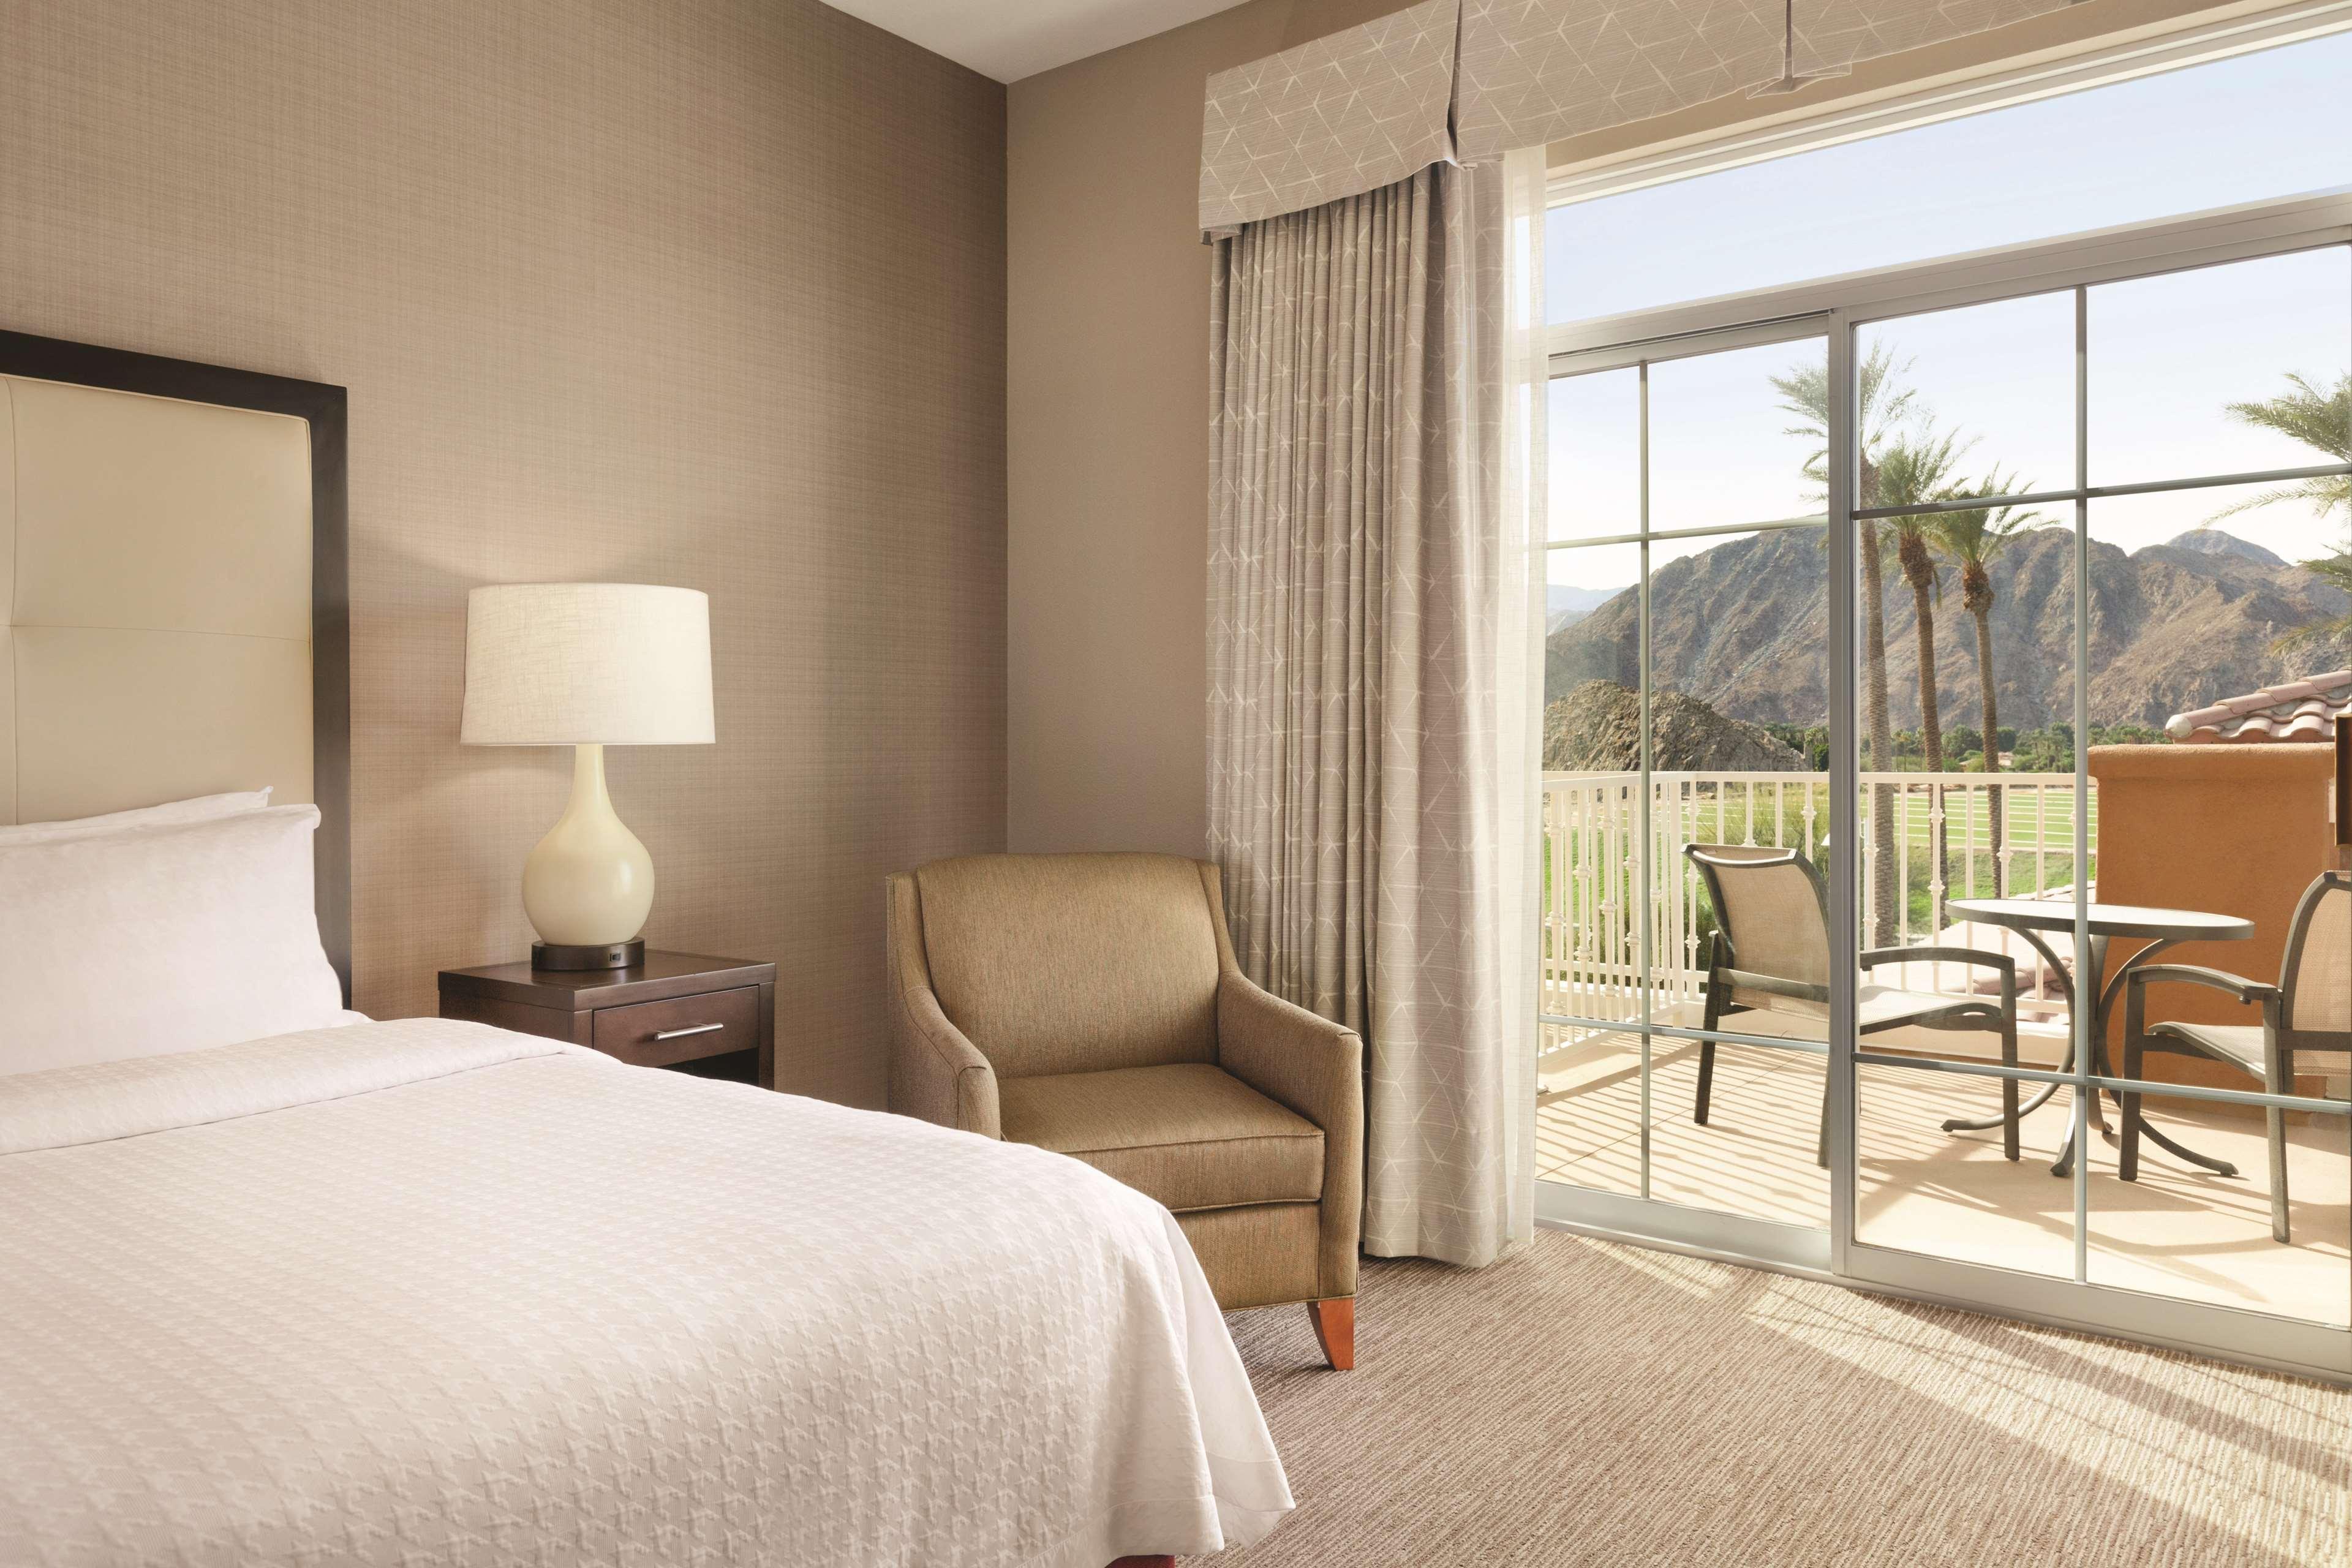 Homewood Suites by Hilton La Quinta image 21